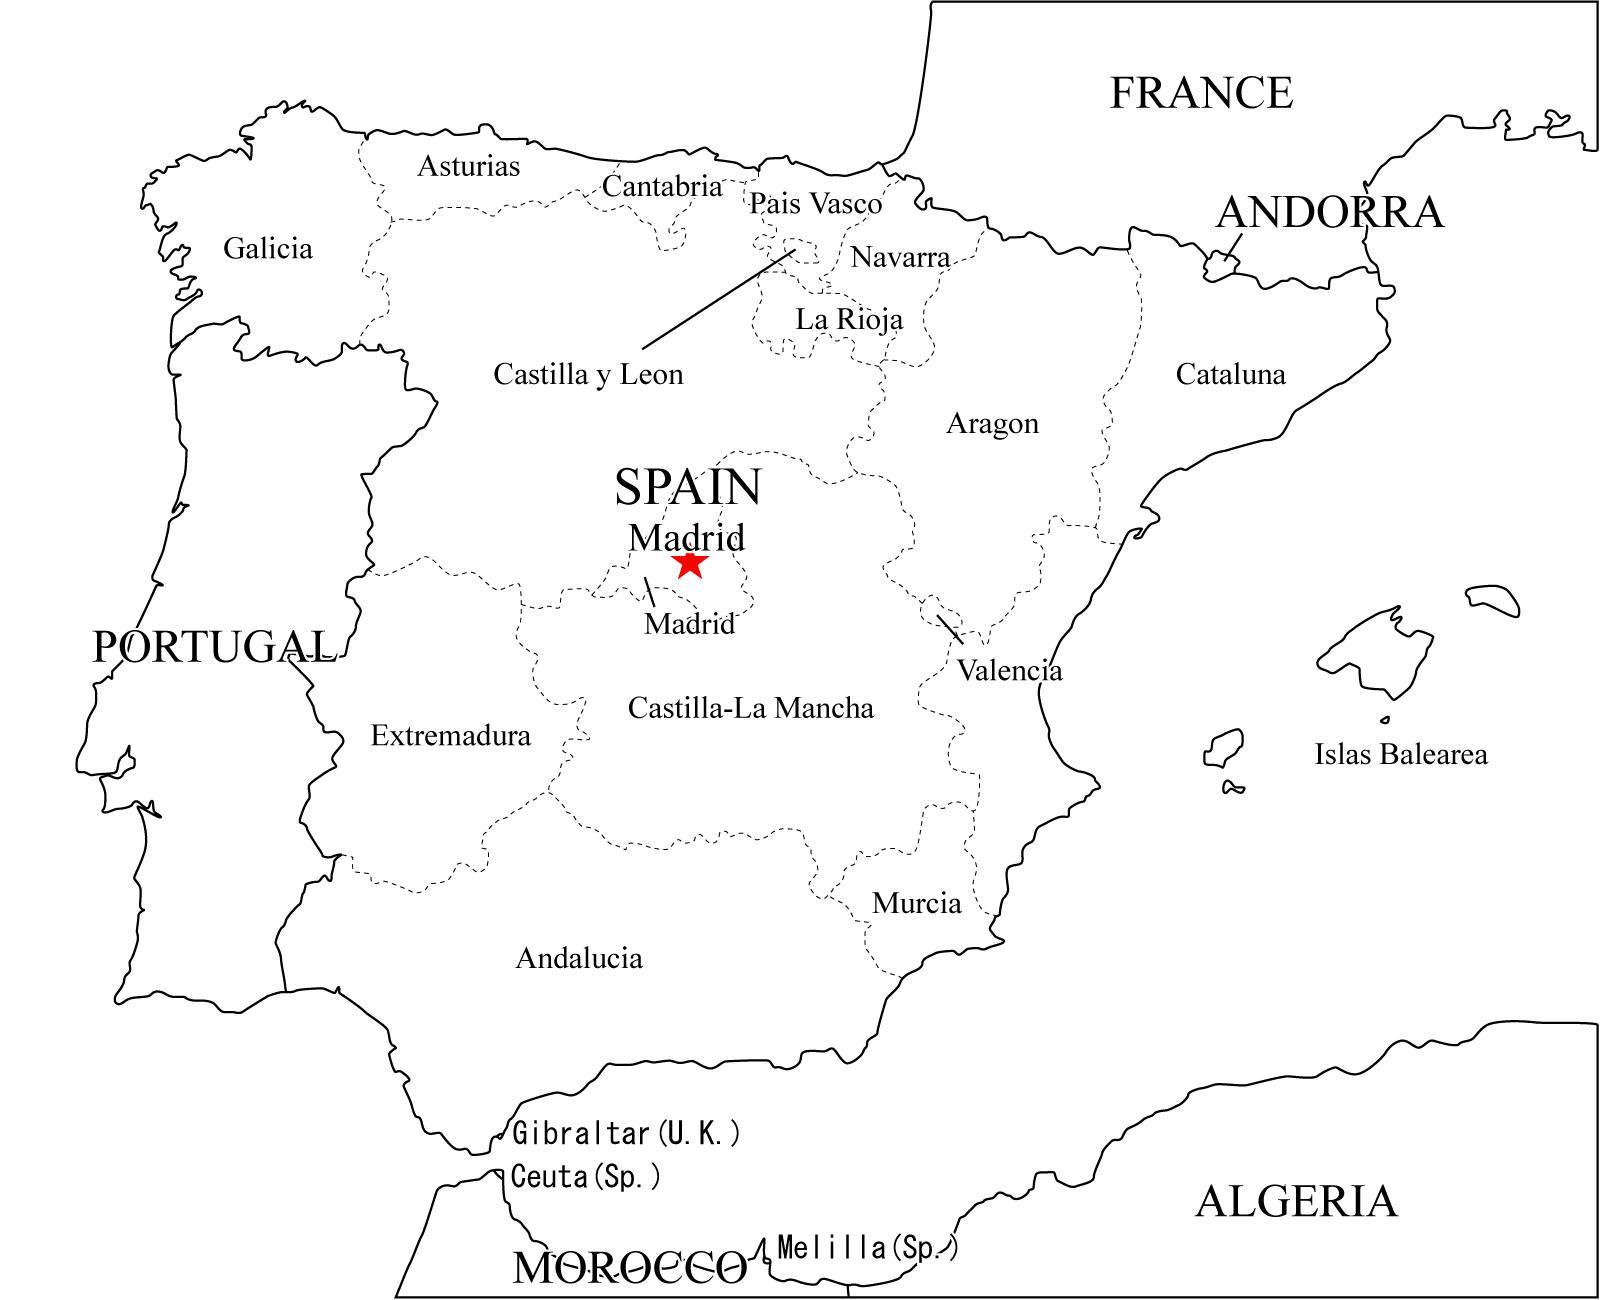 Mapa político de España para imprimir Mapa de comunidades